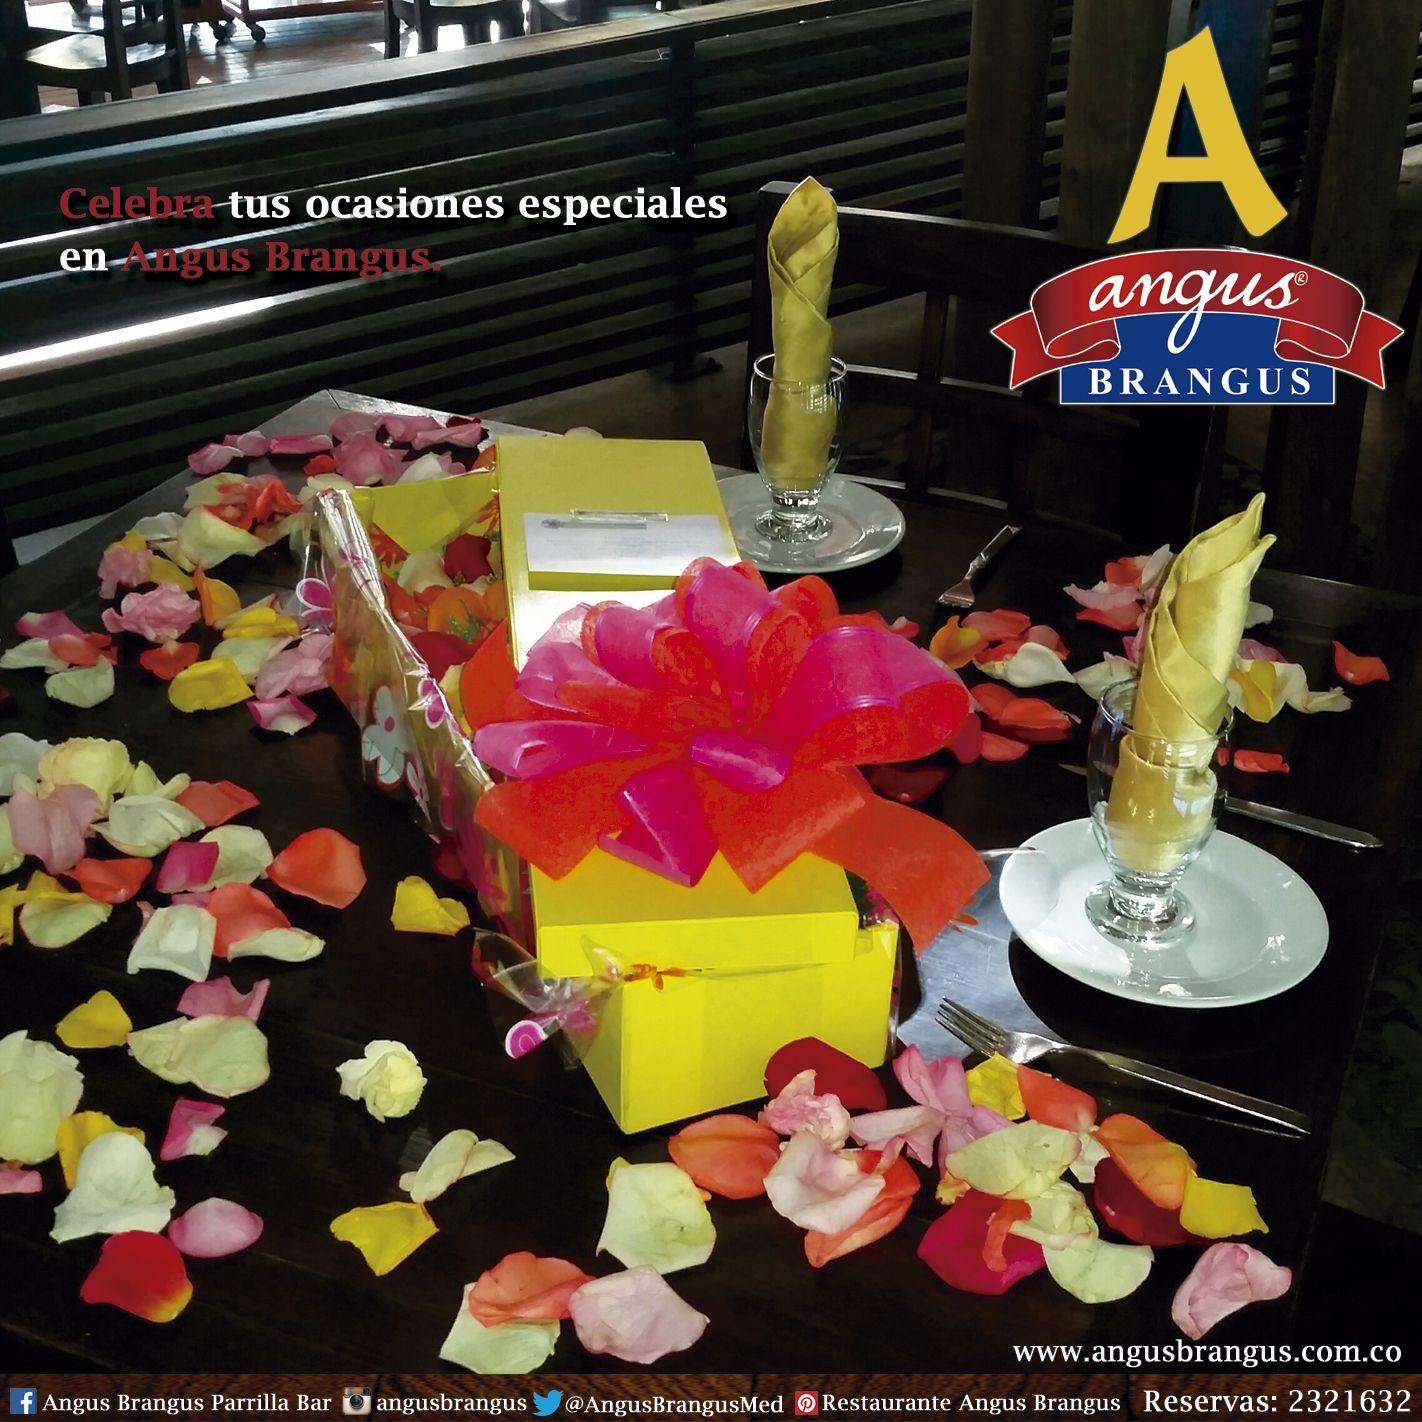 Angus Brangus es el mejor restaurante para celebrar ocasiones especiales, lugar cómodo, buena atención y excelente comida. www.angusbrangus.com.co   #AngusBrangus #Medellín #Cena #Pareja #Novios #Restorando